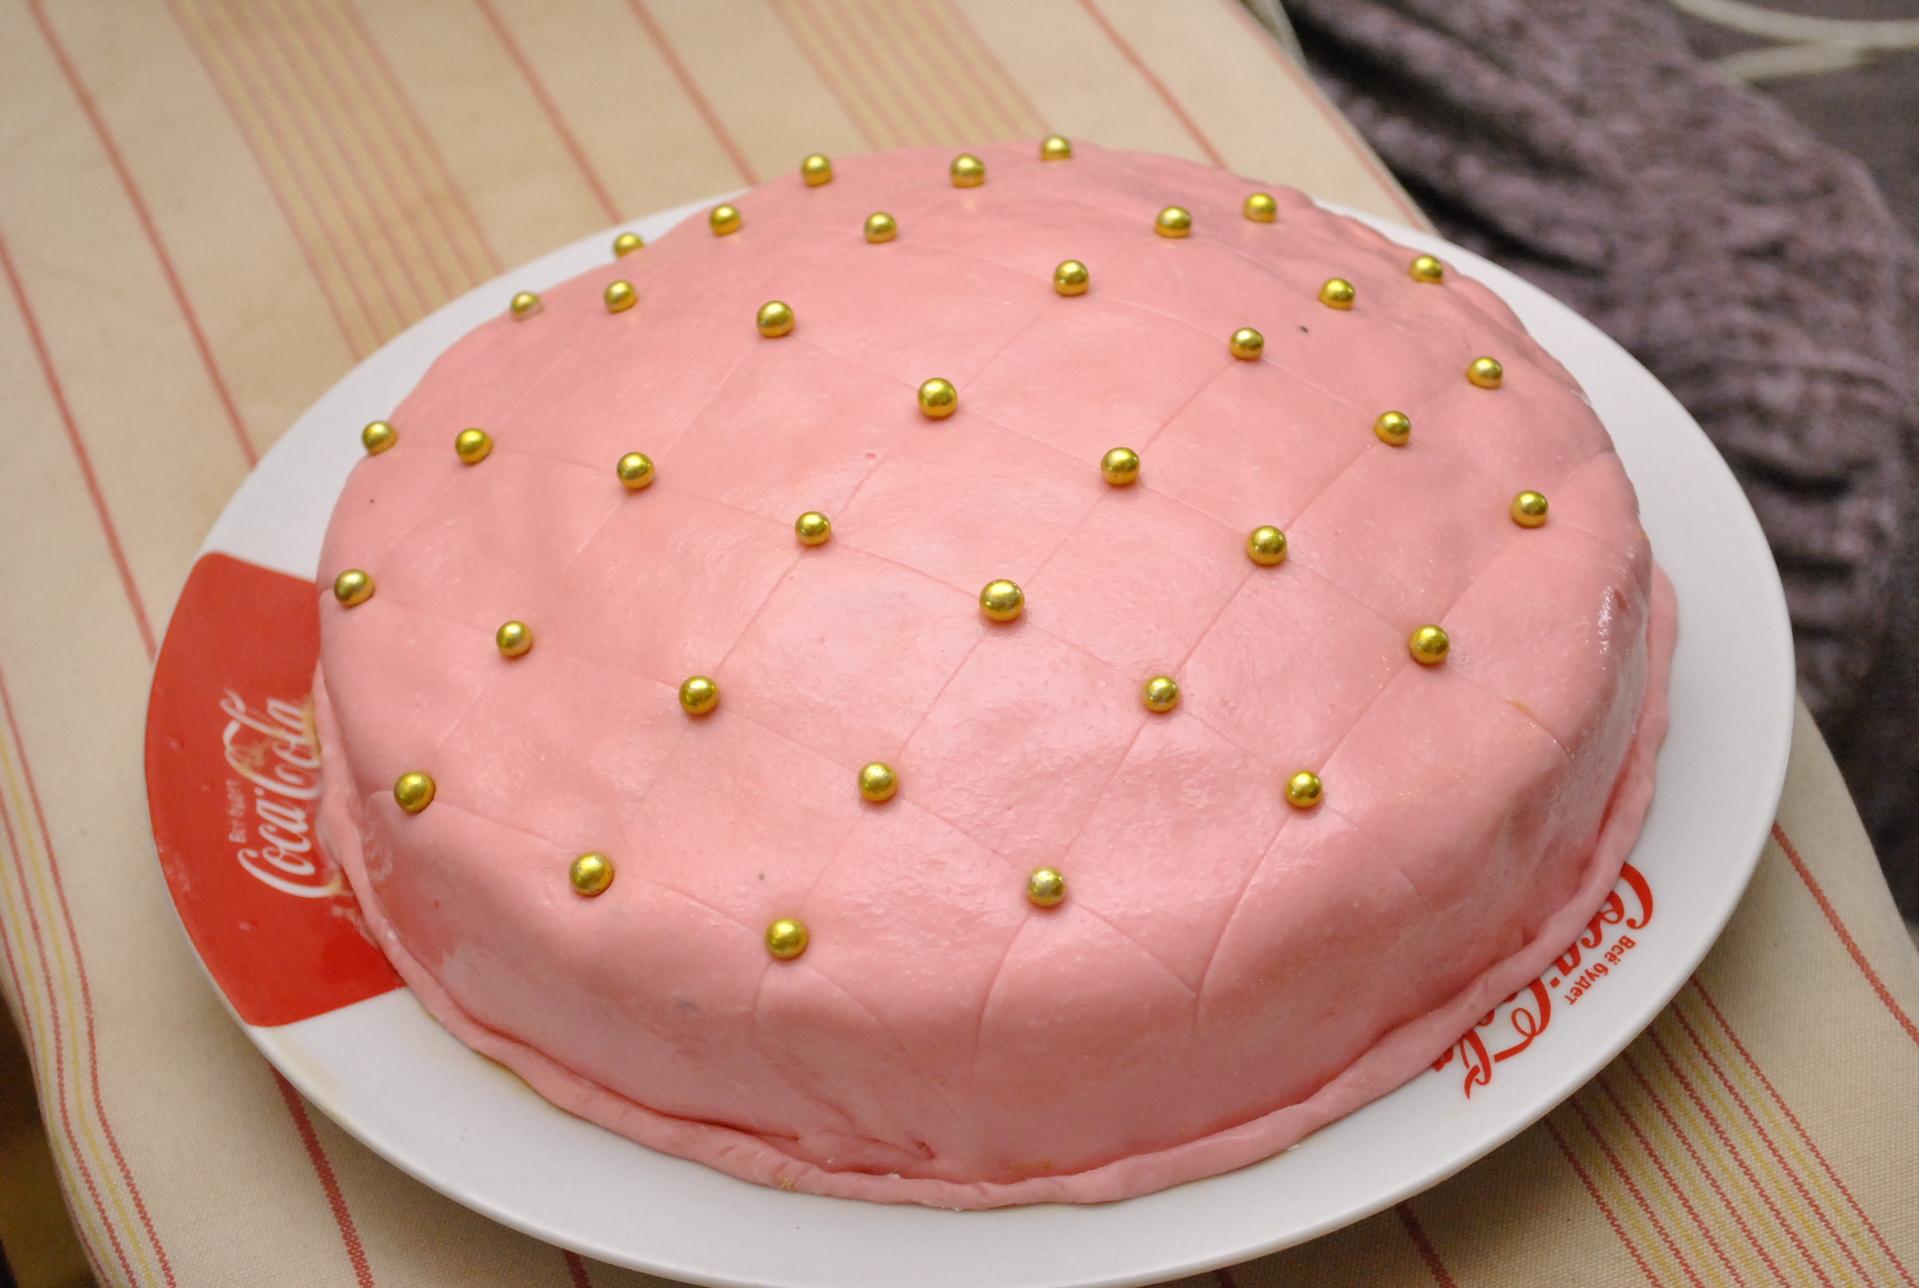 Рецепт тортов в домашних условиях с фото с мастикой